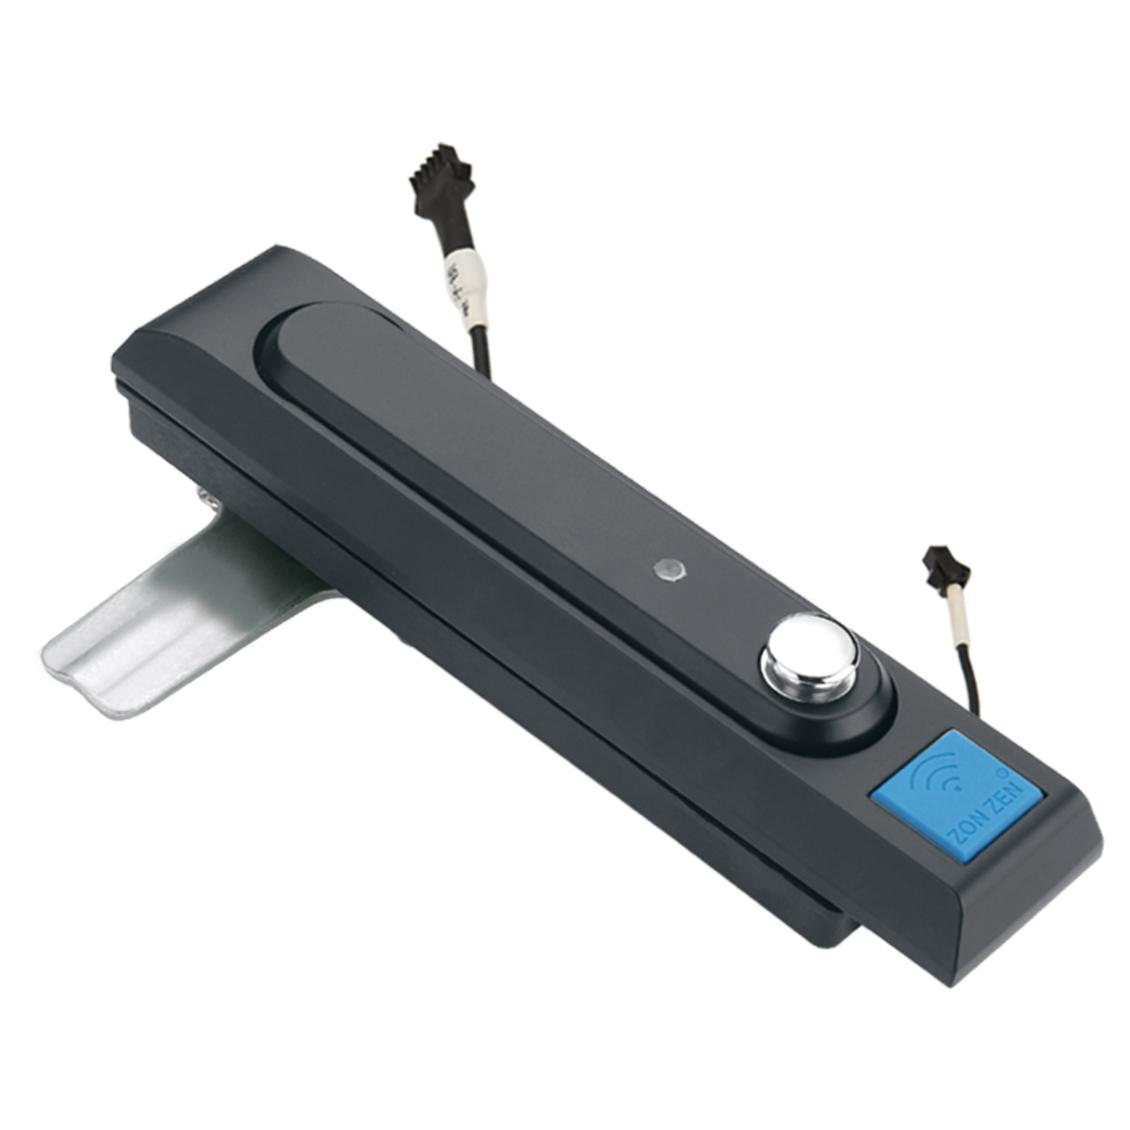 Cabinet Intelligent Electronic Lock Made in China Zhejiang Zhongzheng Lock Co.,Ltd